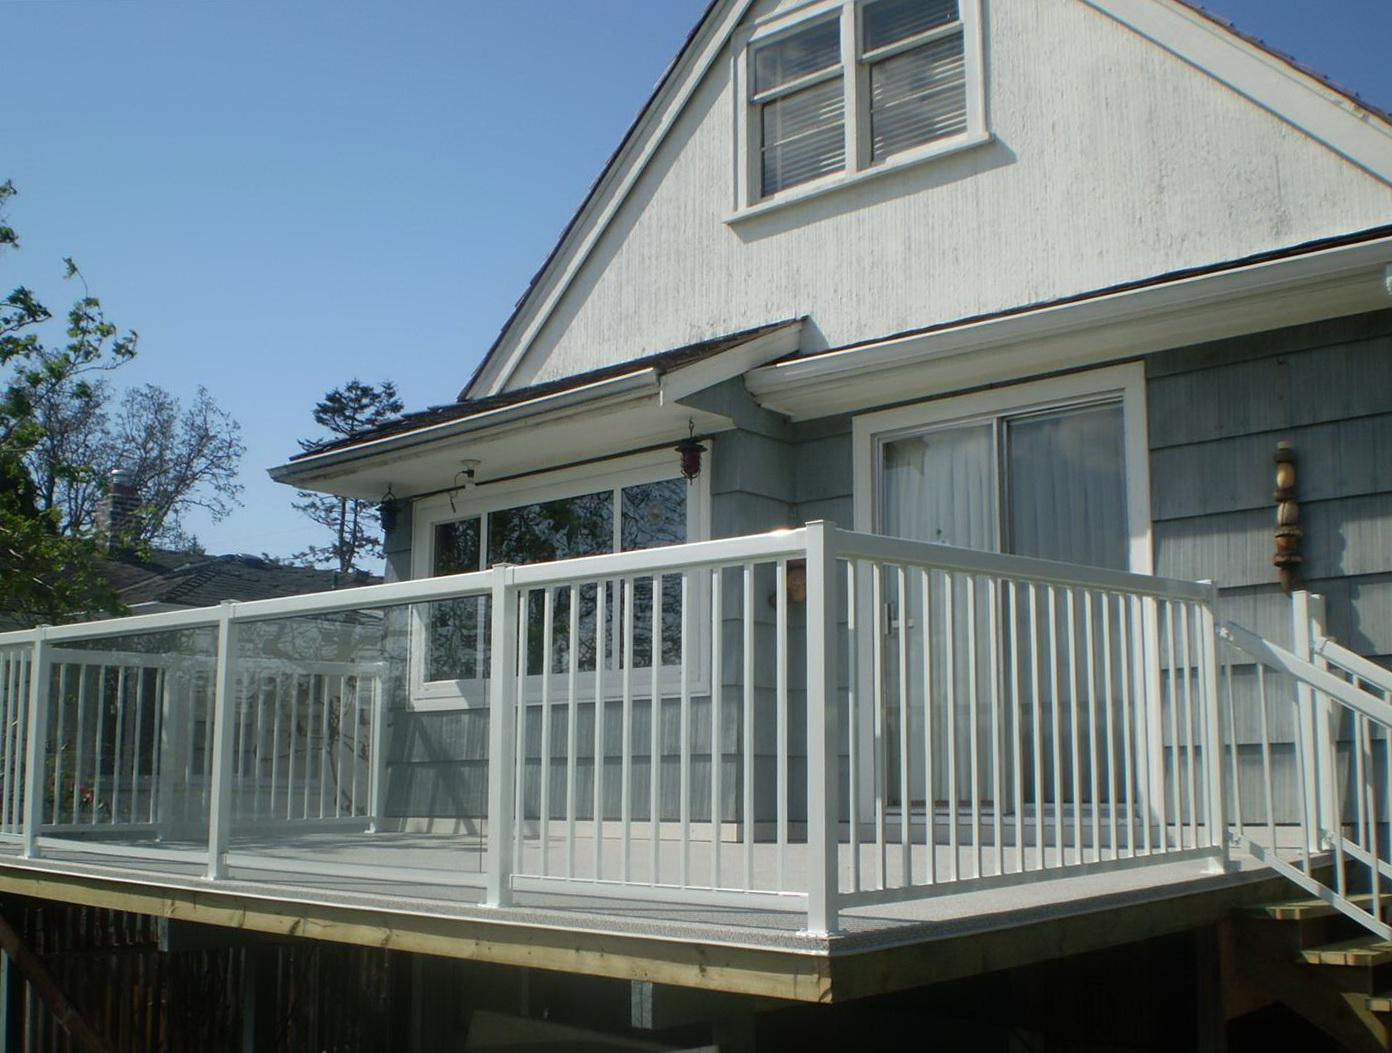 Glass Handrails For Decks